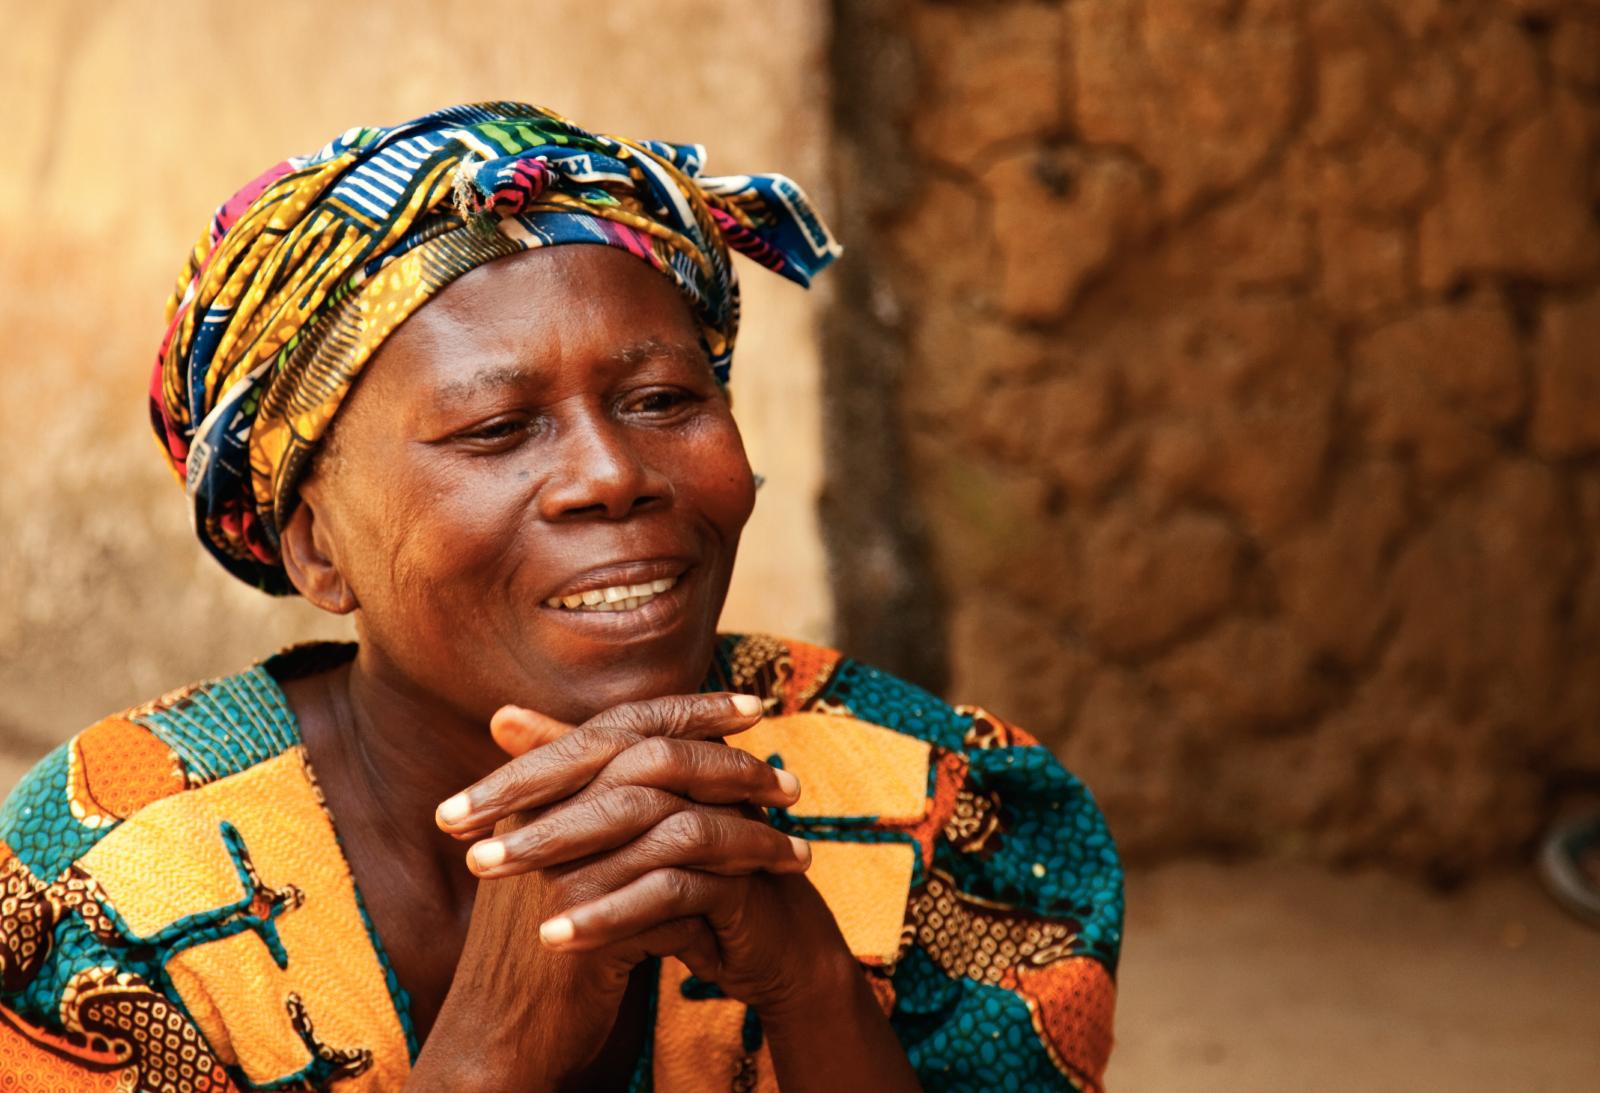 Ho^m nay đem ra ba'n African-woman-sierra-leone-689319-print